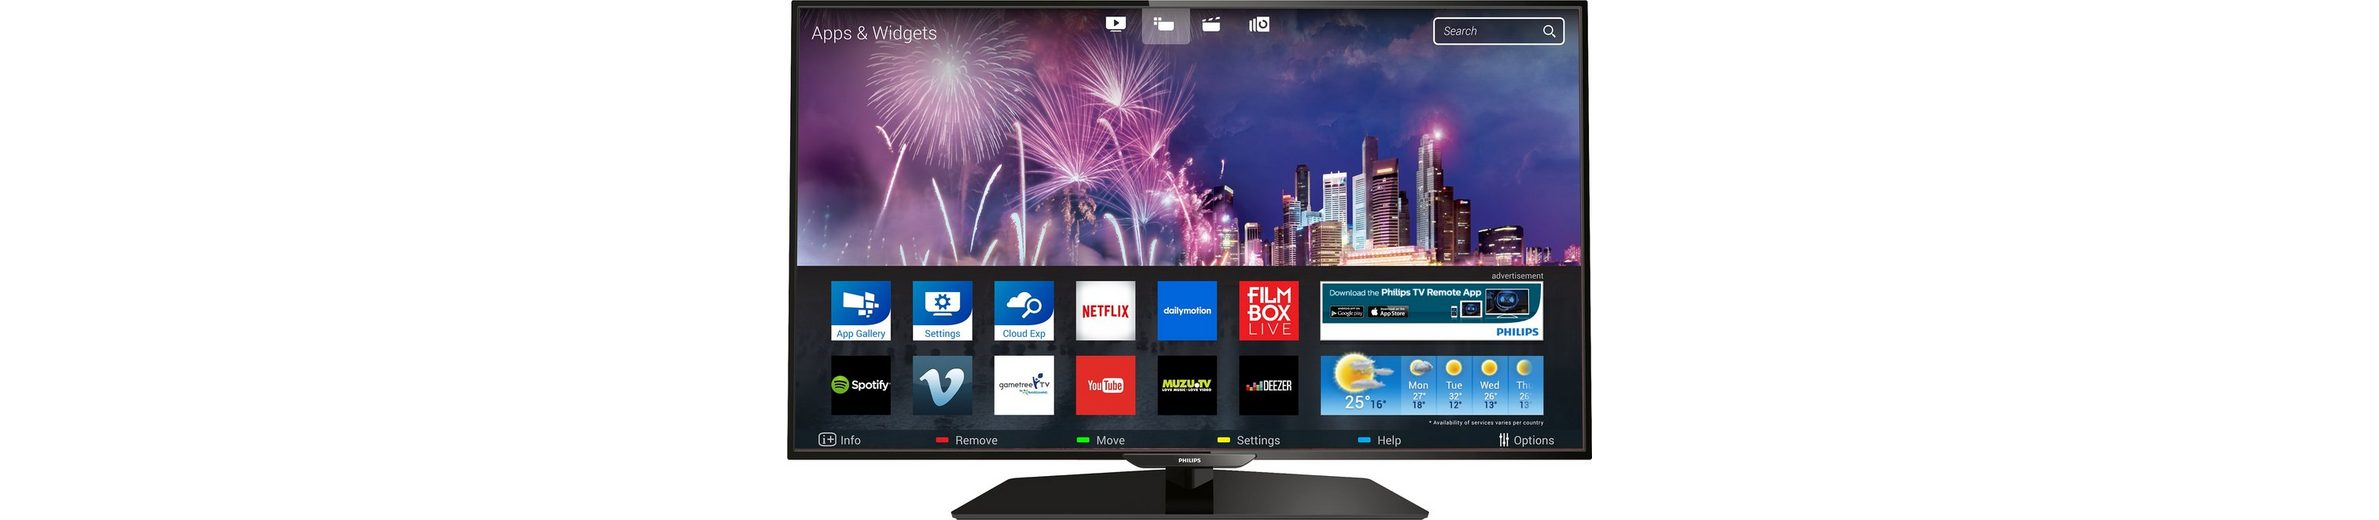 Philips 40PFK5300, LED Fernseher, 102 cm (40 Zoll), 1080p (Full HD), Smart-TV